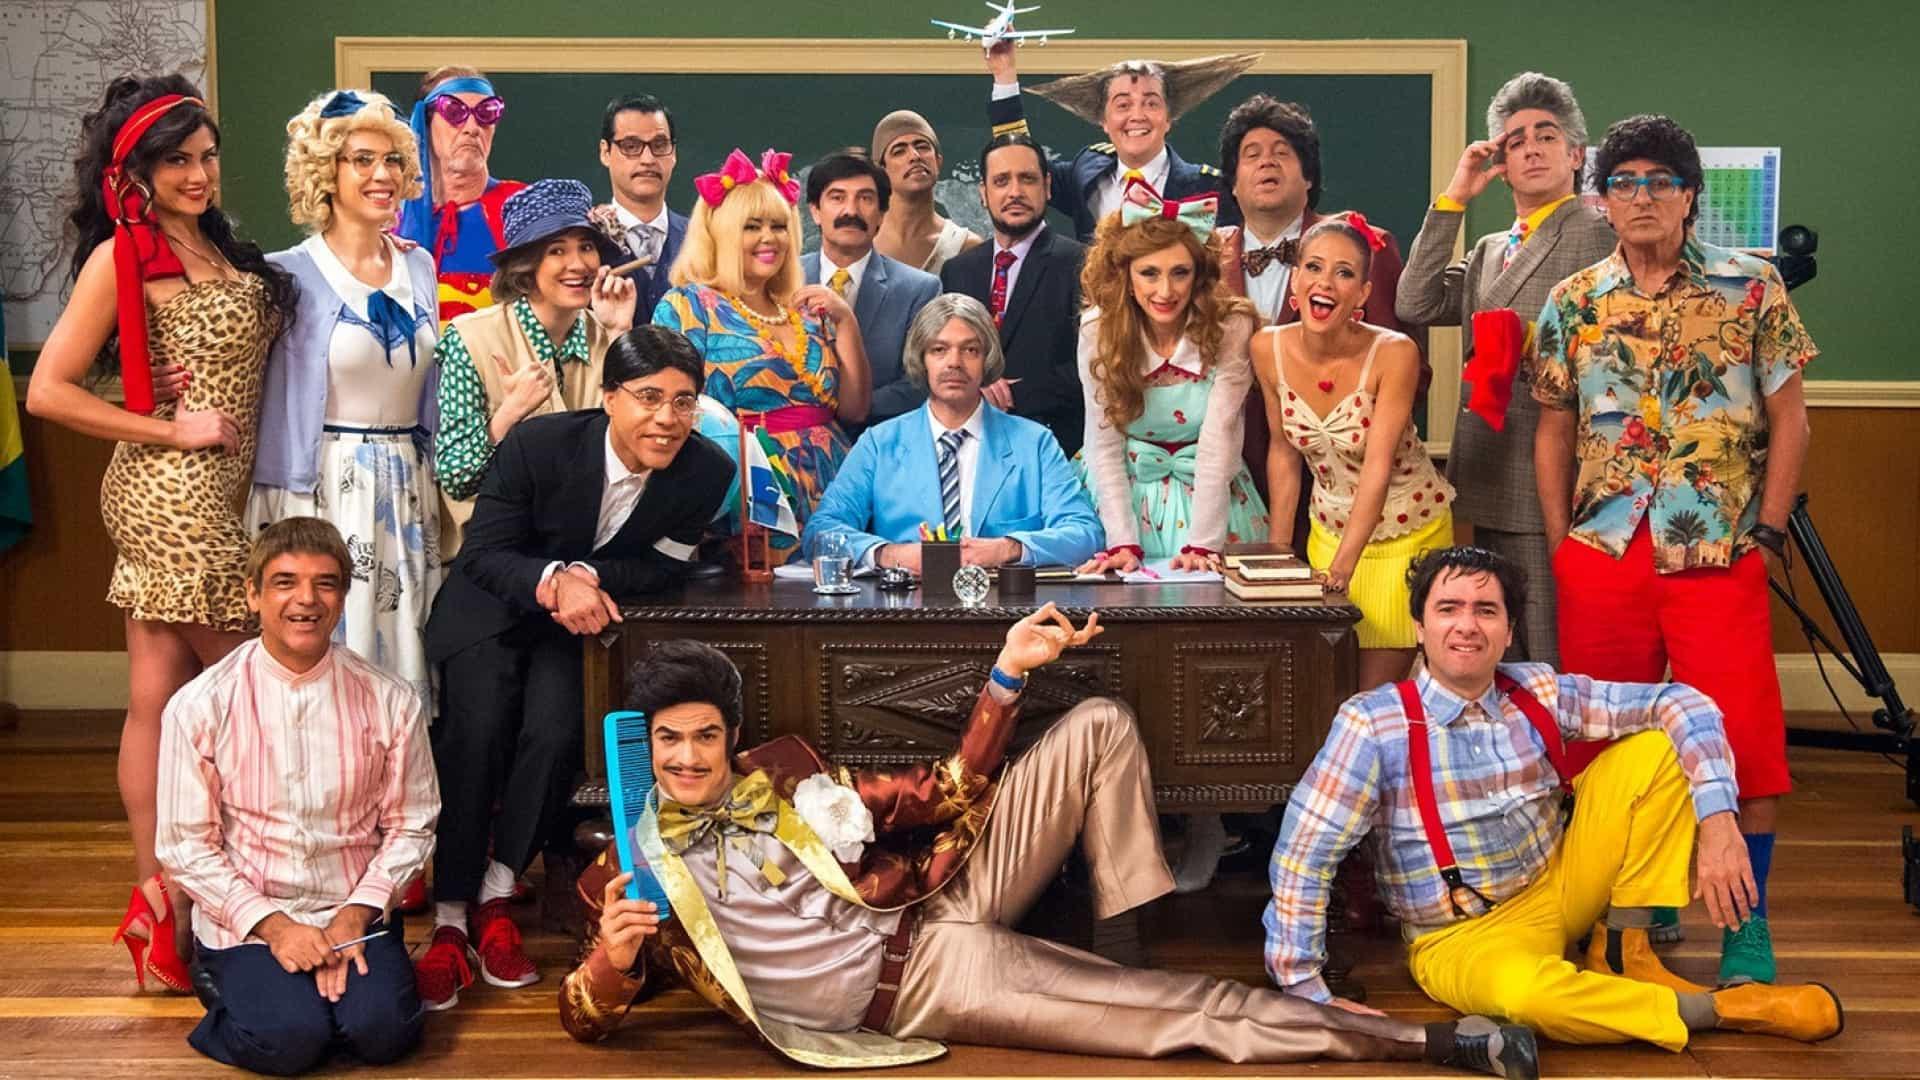 naom 5b39fdcfea795 - MELHORES EPISÓDIOS: Escolinha do Professor Raimundo será reprisada nas tardes de sábado da Globo